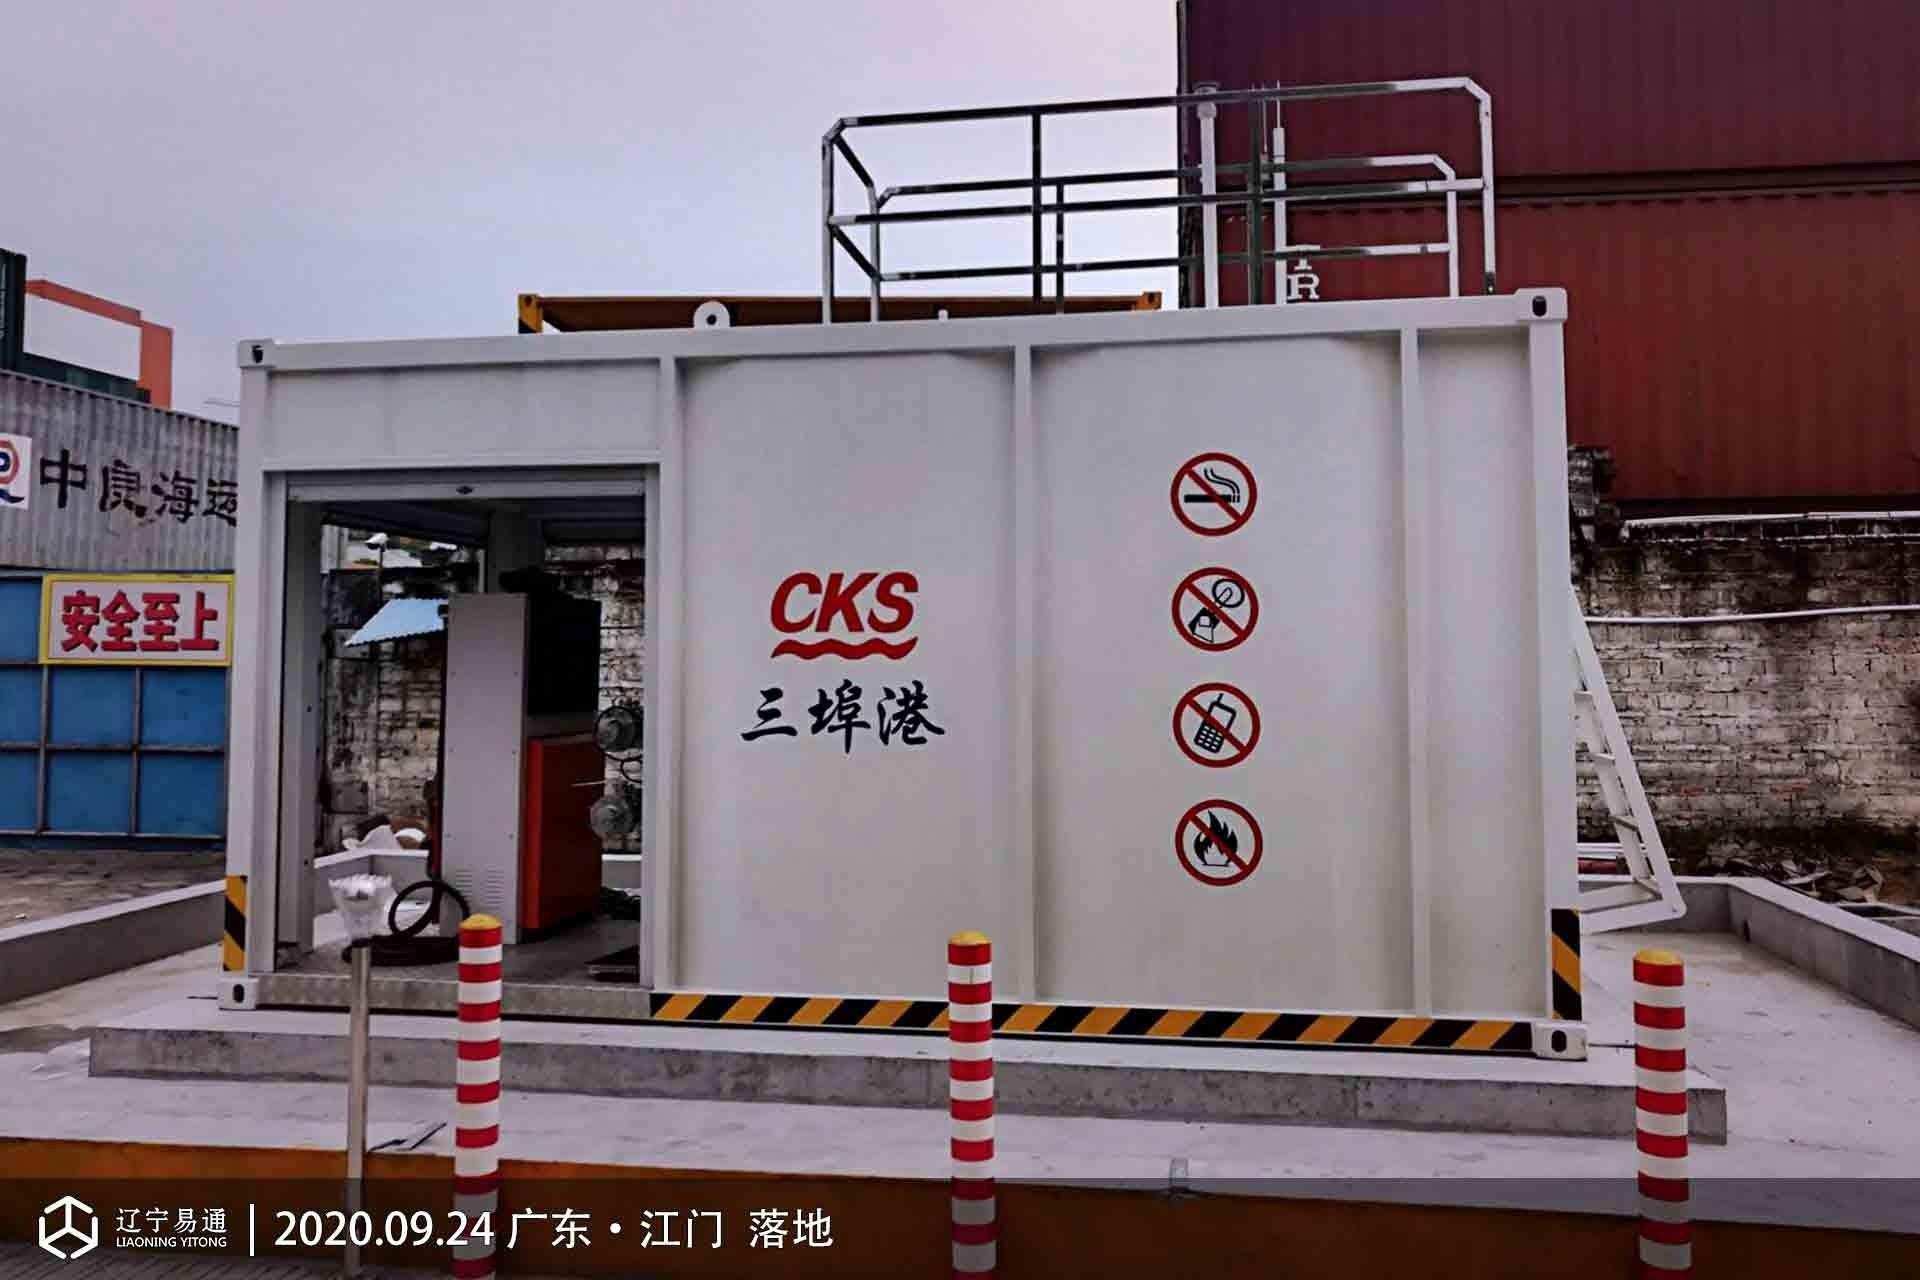 2020年9月24日 广东 三埠港 撬装式加油装置安装调试完毕